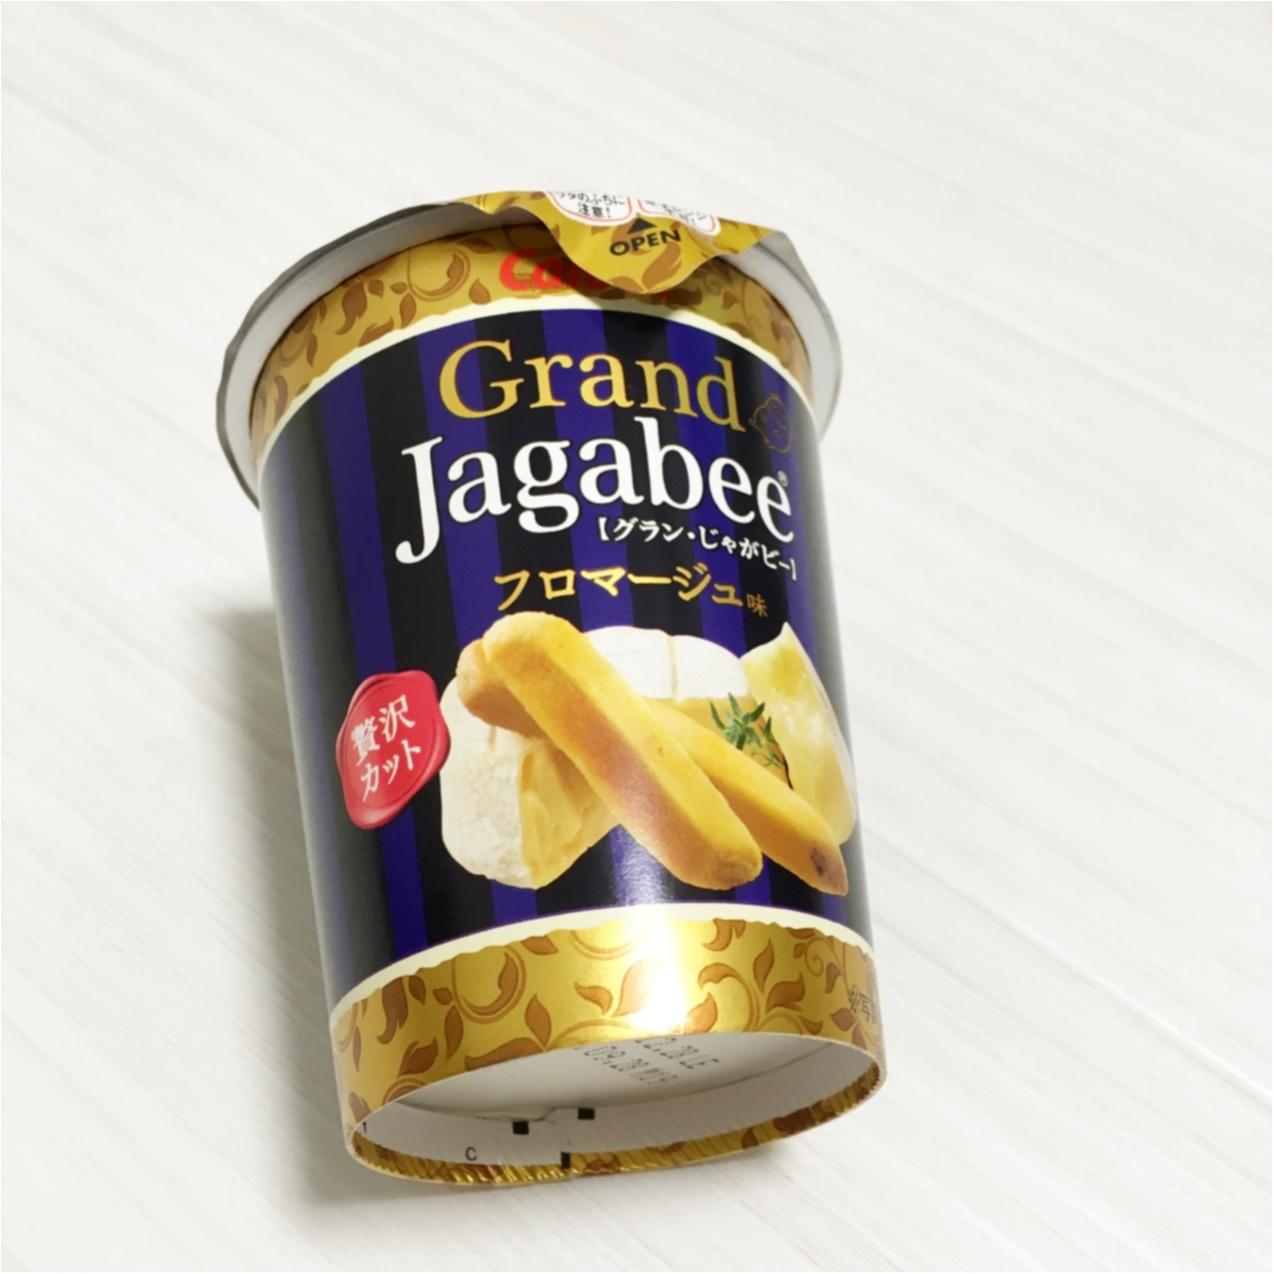 《 新発売 》濃厚チーズが美味しい ♡ Grand Jagabeeのフロマージュ味 ♡_1